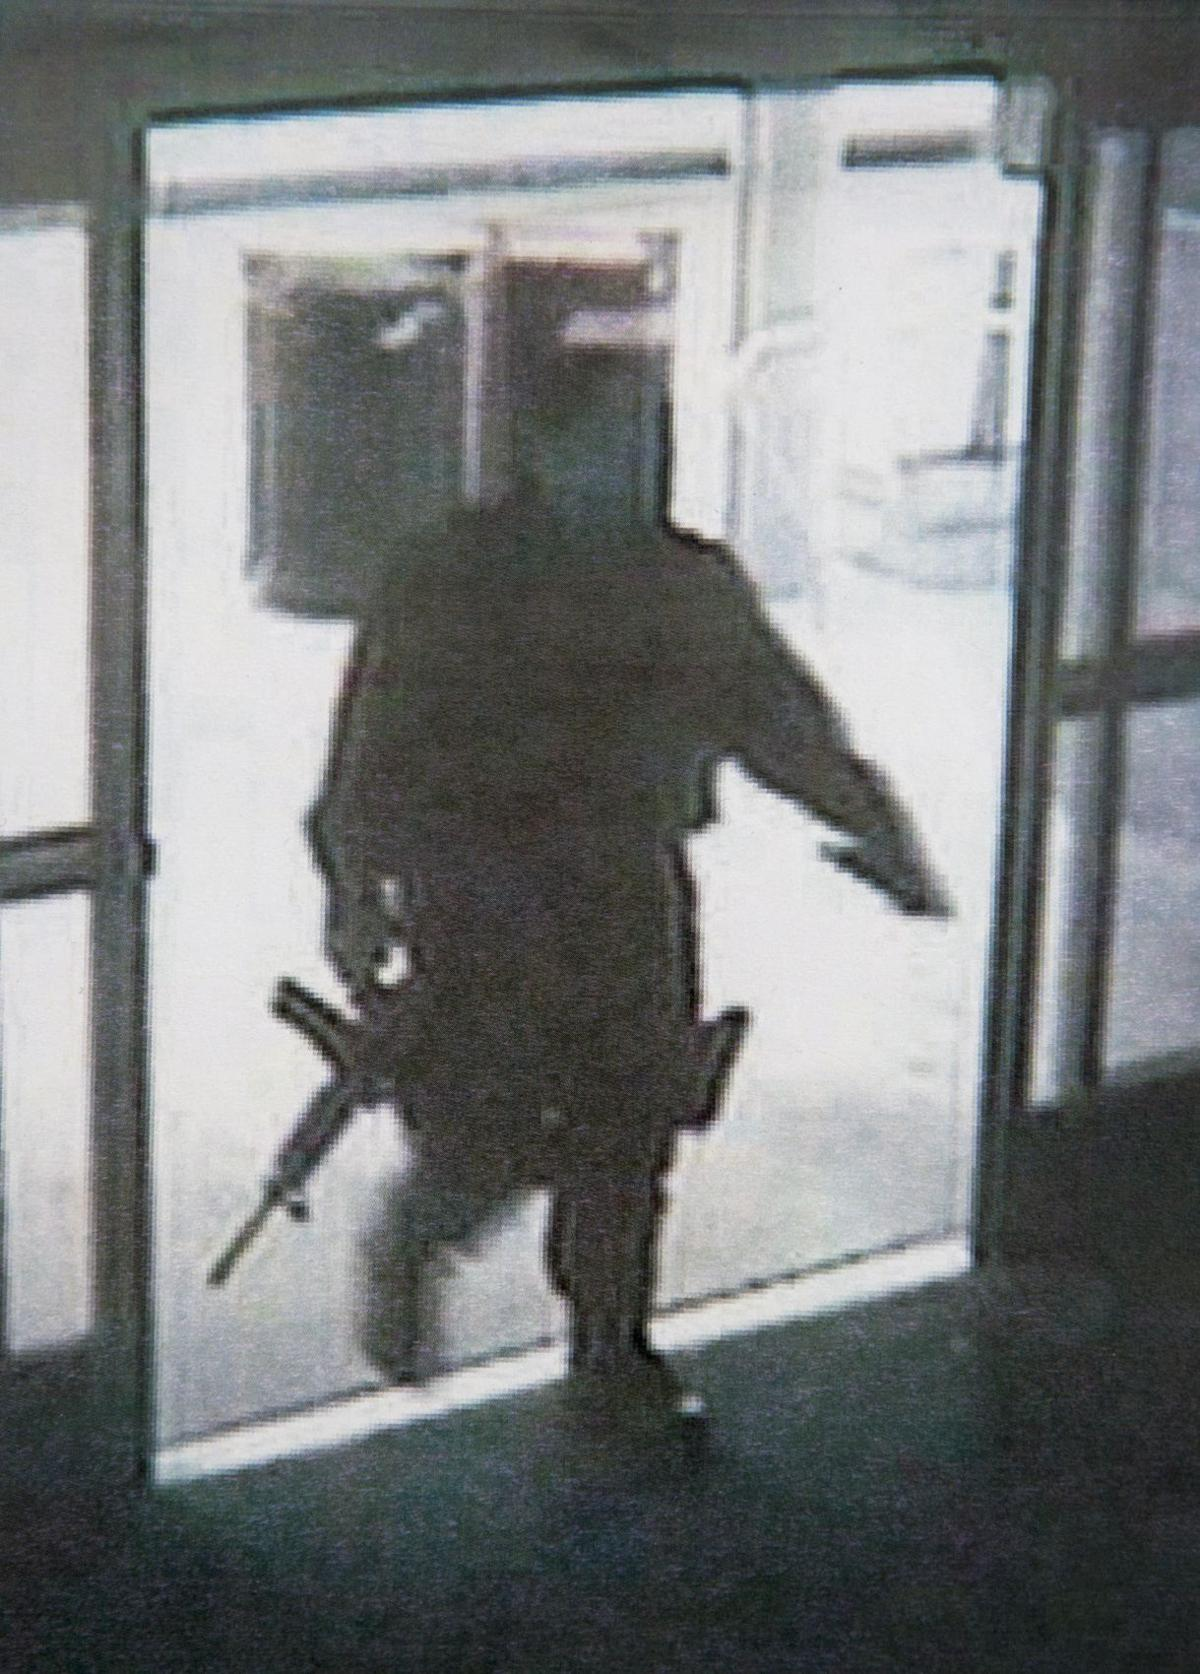 Police ID gunman in Santa Monica killings